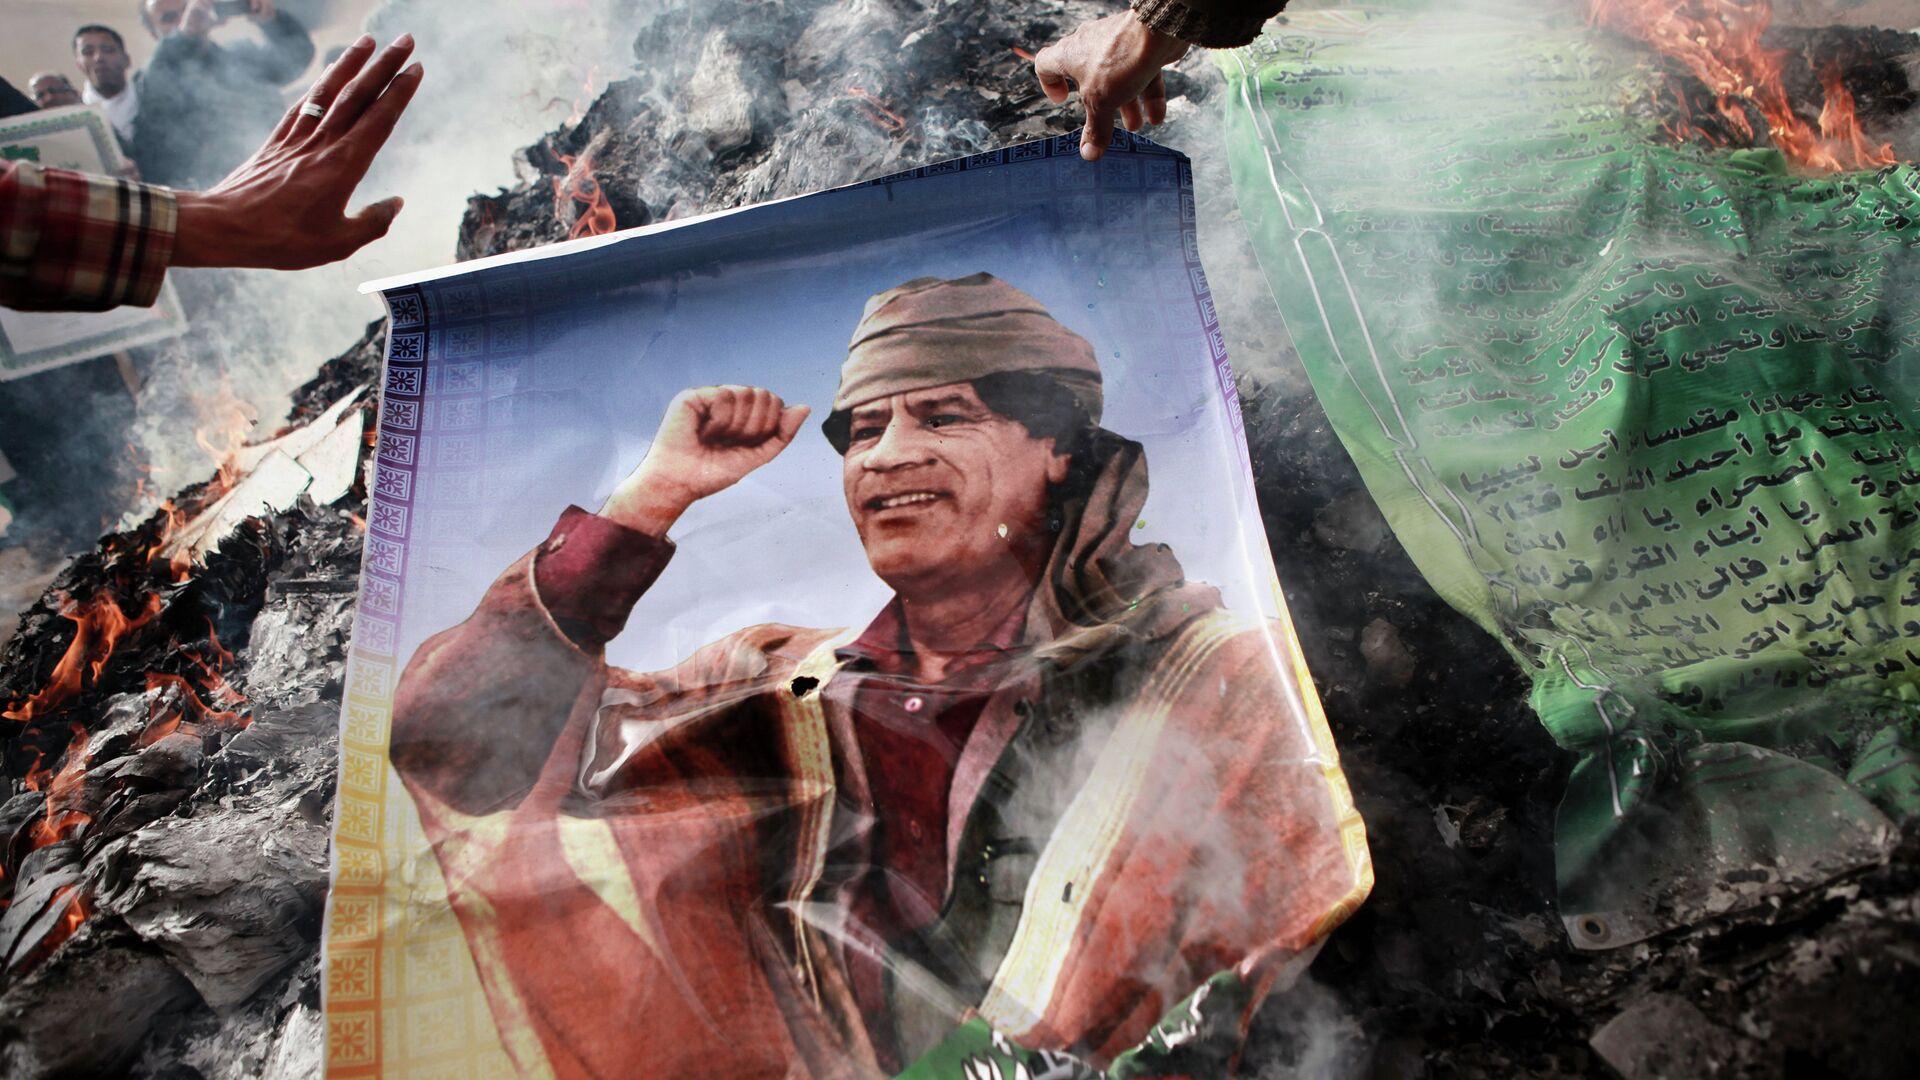 Жители Бенгази сжигают портреты Муамара Каддафи - РИА Новости, 1920, 05.11.2019